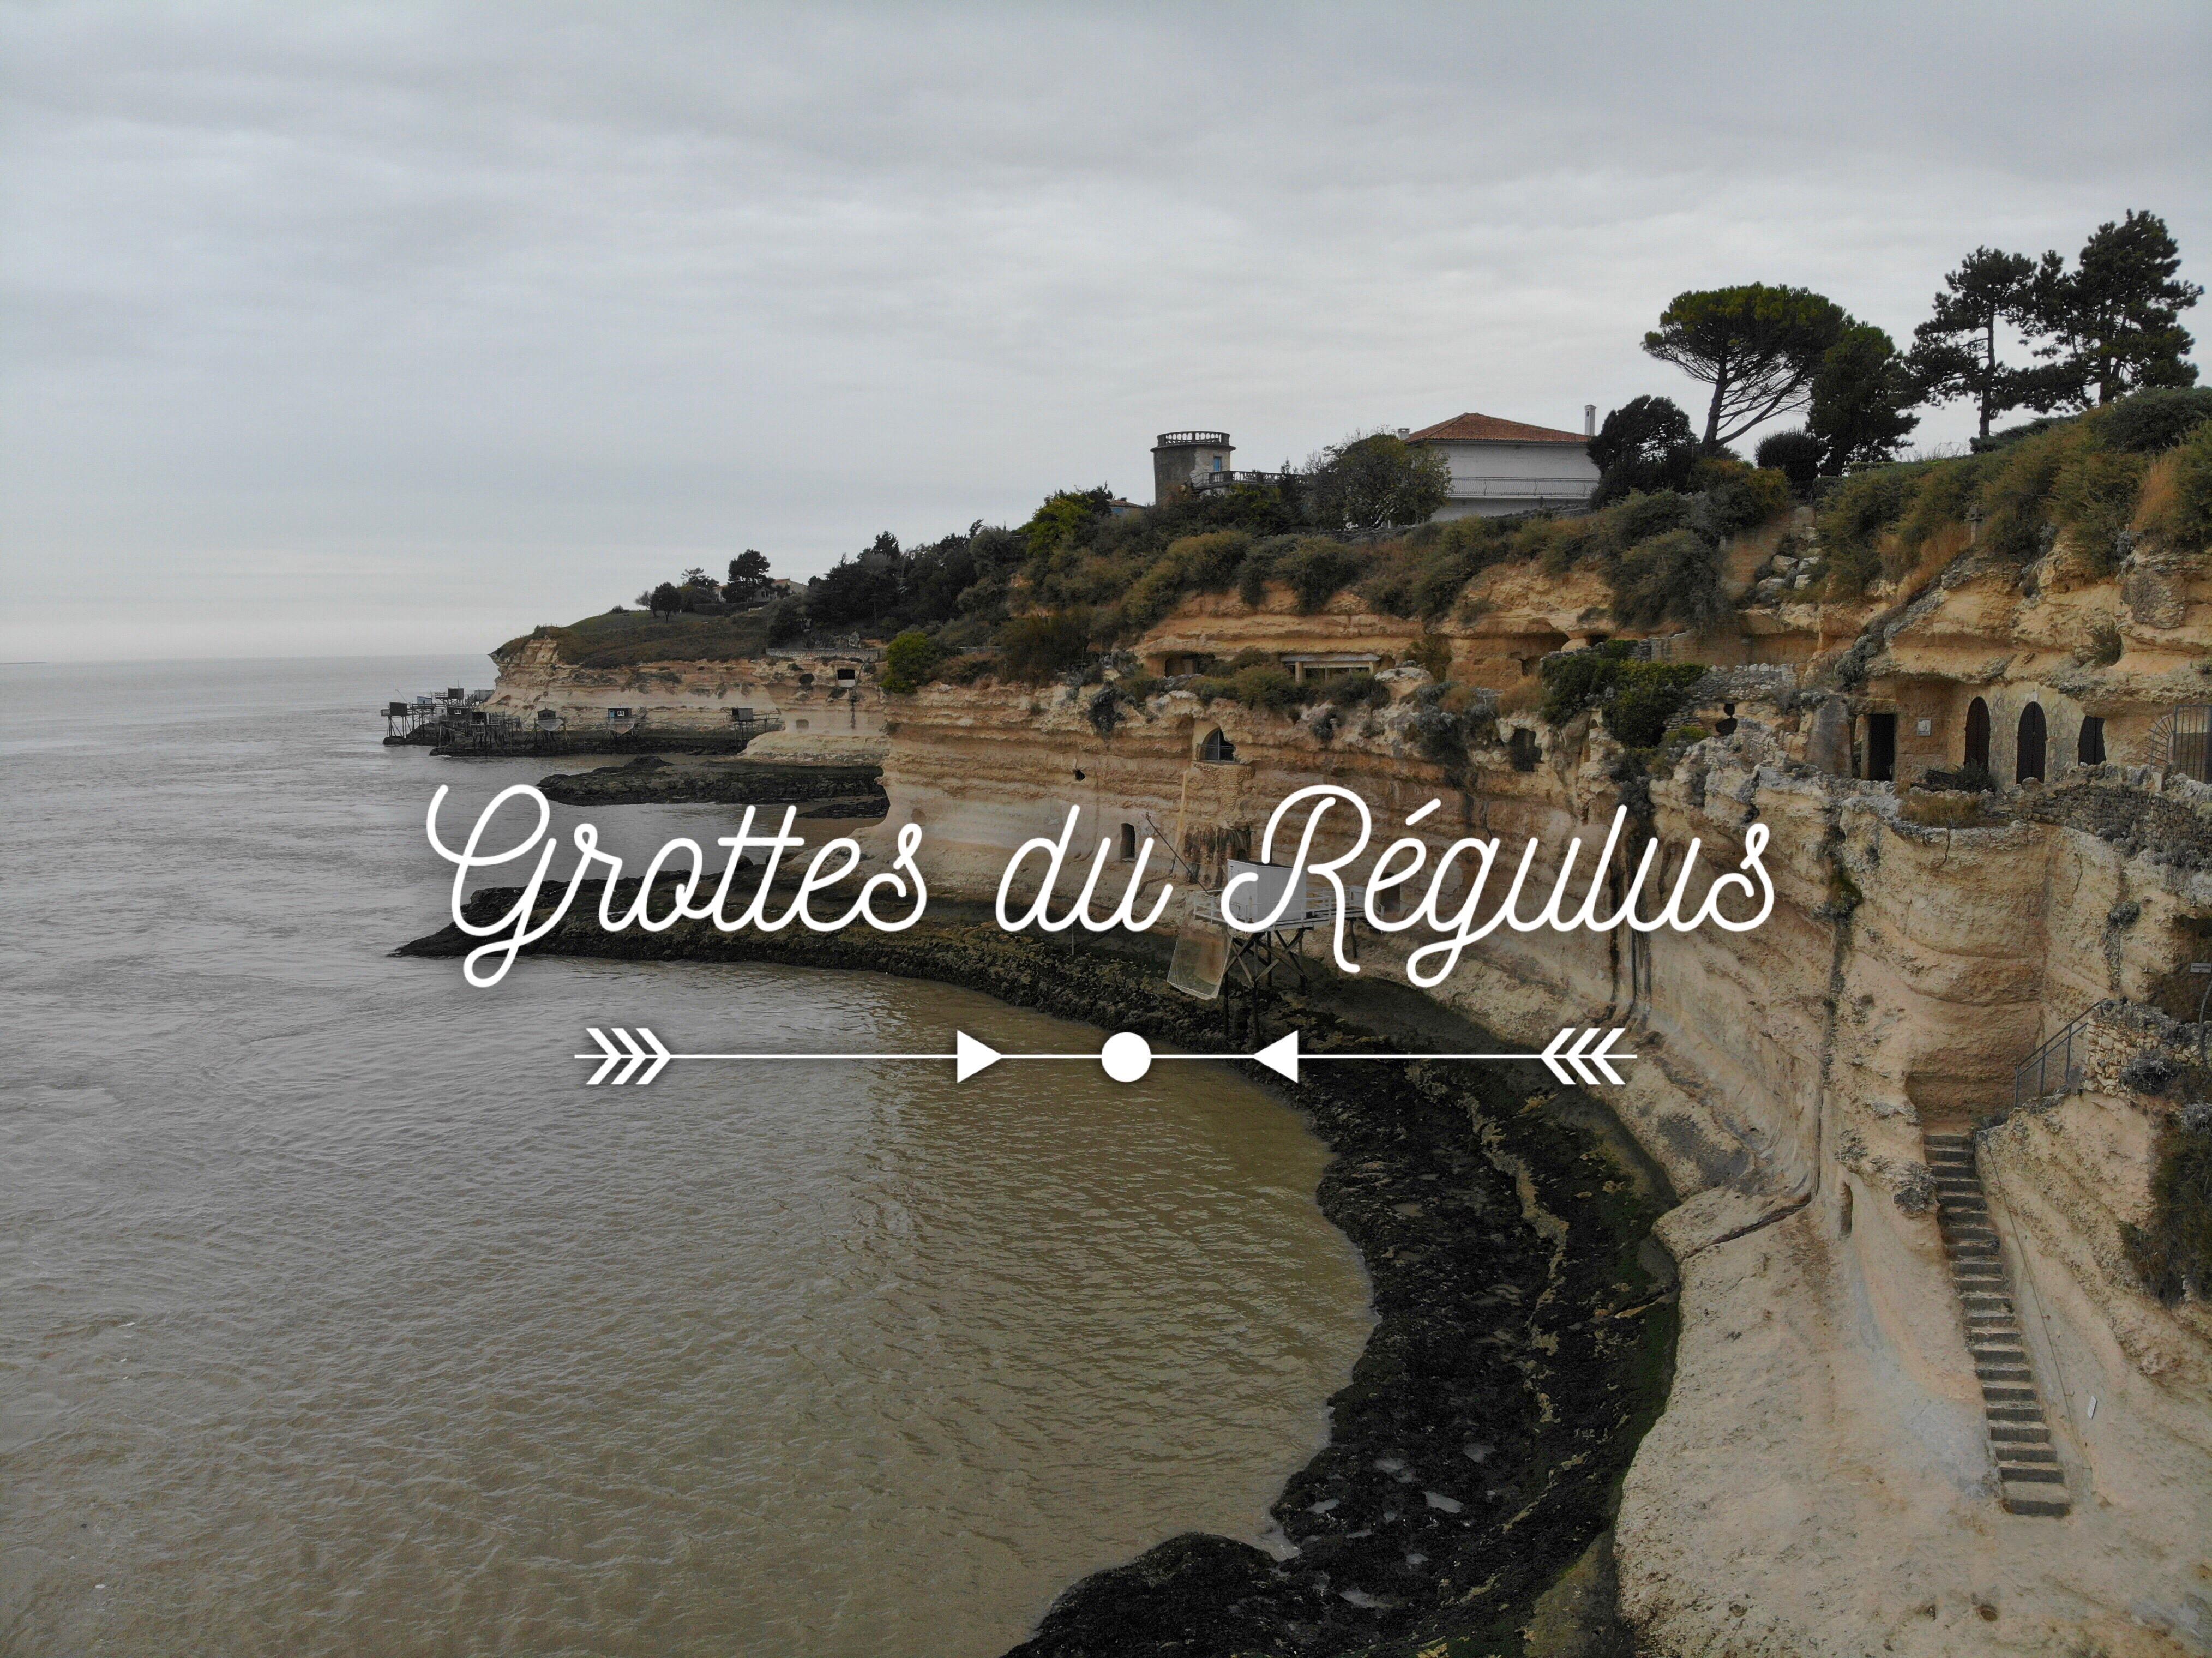 grottes-du-regulus-meschers-sur-gironde-grotte-troglodyte-royan-paysage-carrelets-visite-grottes-estuaire-gironde-les-ptits-touristes-blog-voyage